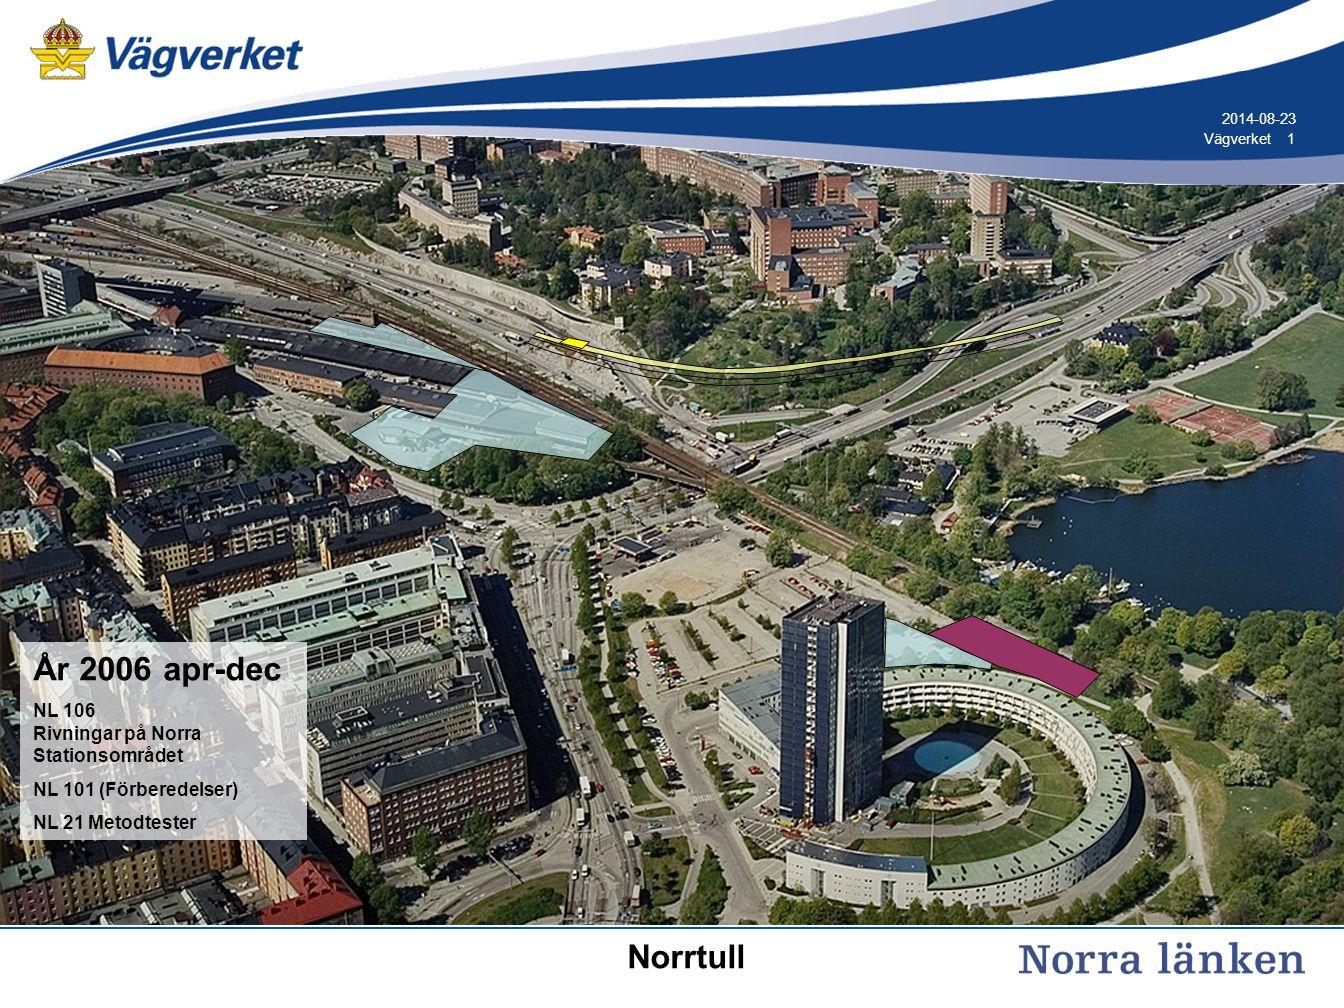 1 1Vägverket 2014-08-23 År 2006 apr-dec NL 106 Rivningar på Norra Stationsområdet NL 101 (Förberedelser) NL 21 Metodtester Norrtull